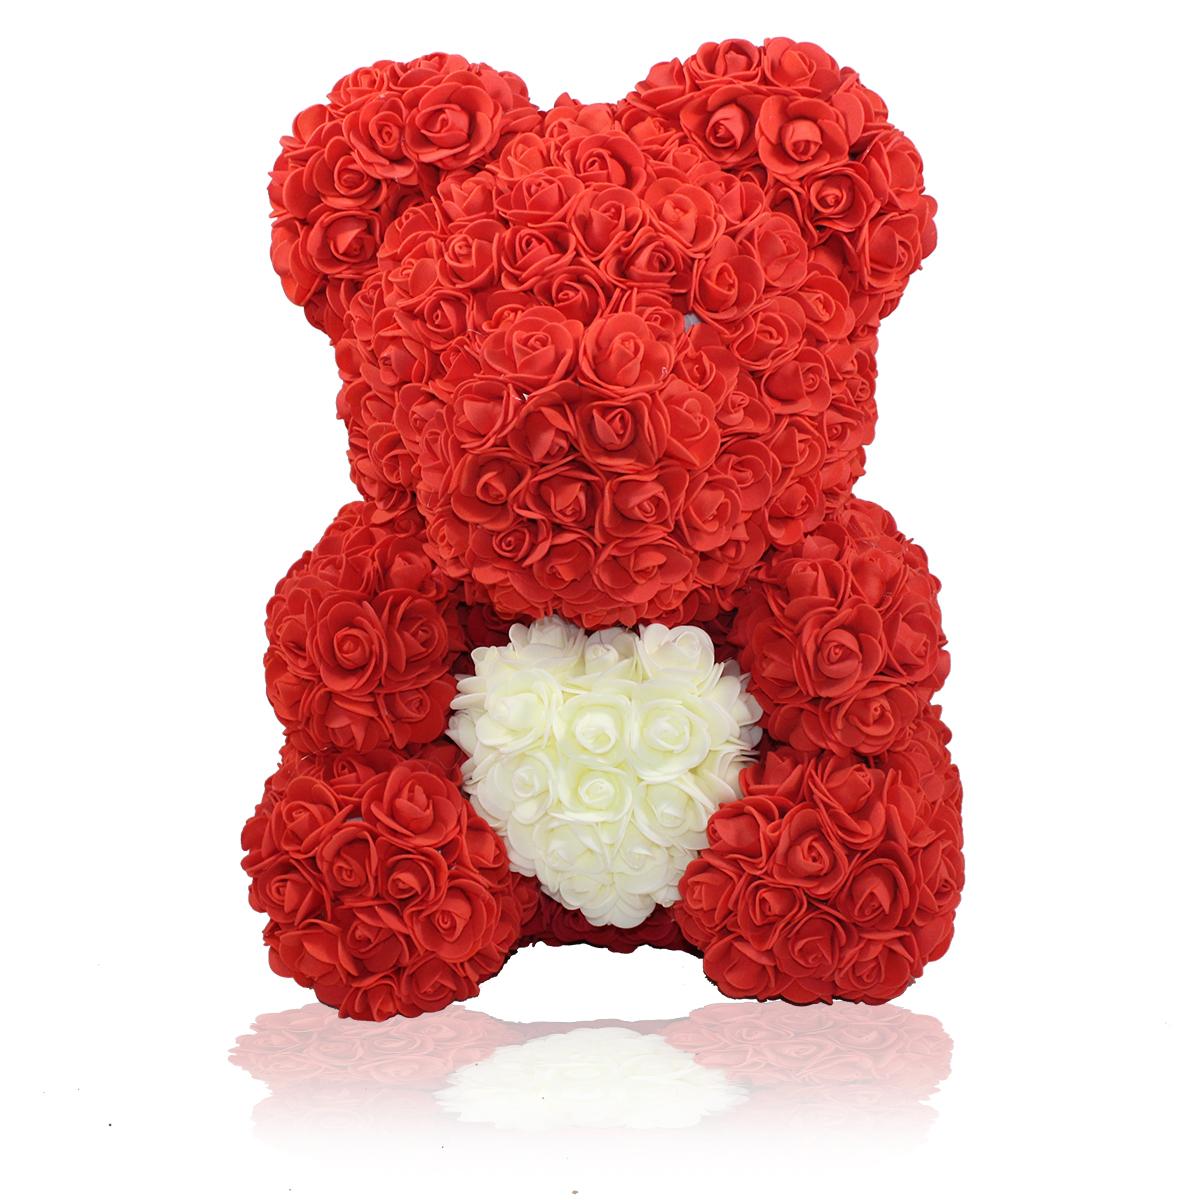 Rosenbär 40 cm inklusive Geschenkbox mit Herz Dunkelroter Rosen für Valentinstag